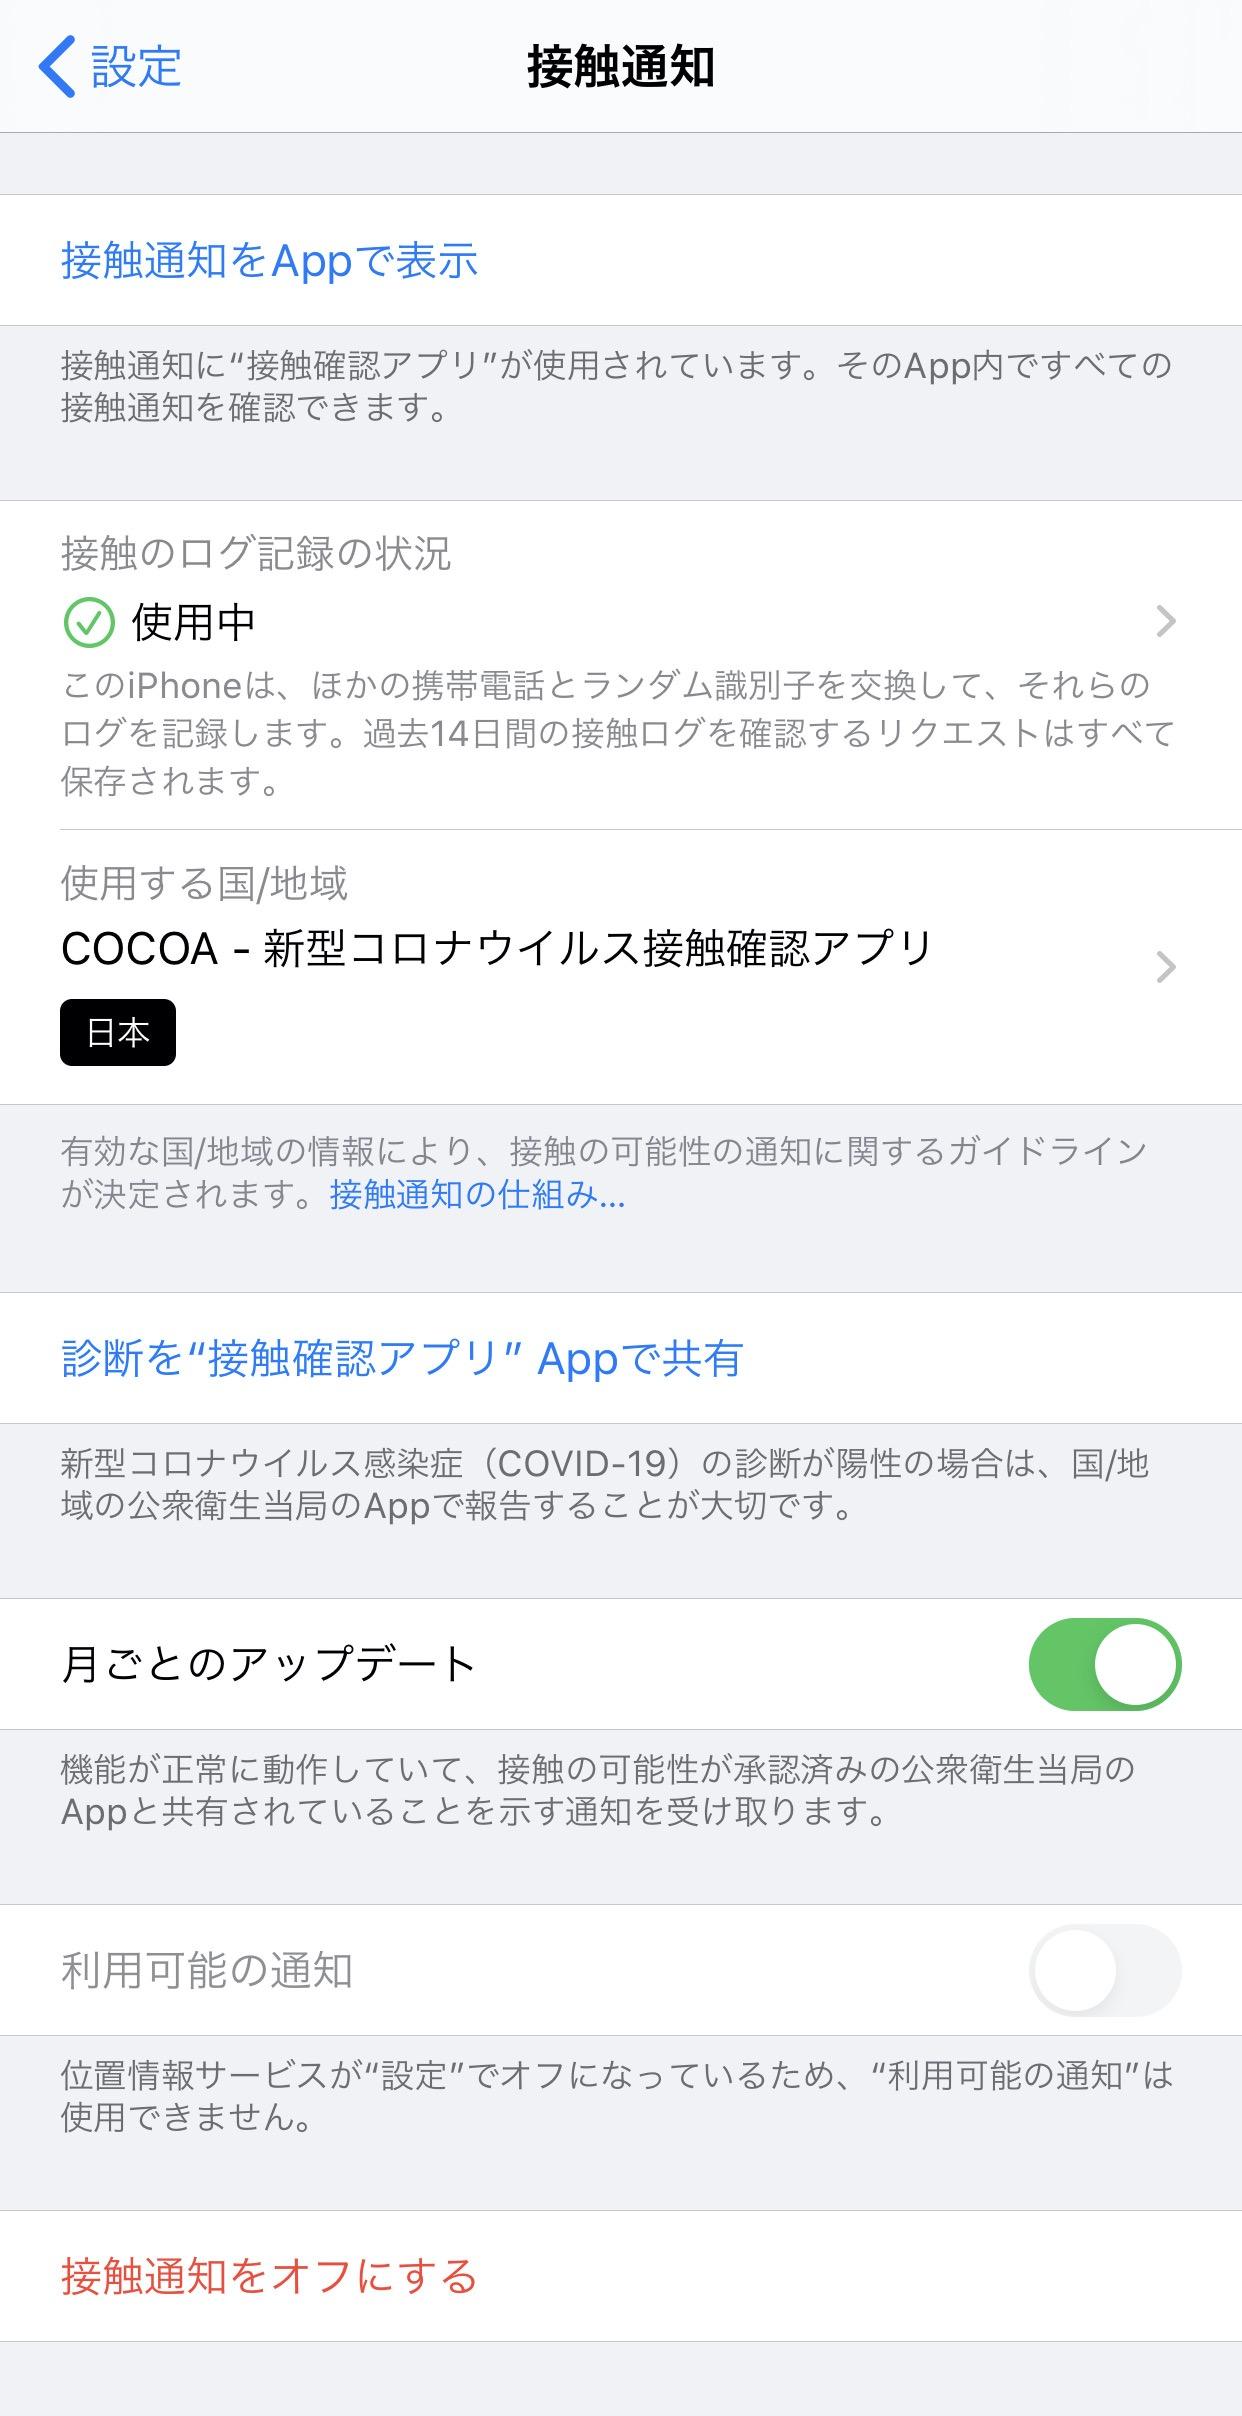 【iOS 13】新型コロナウイルスの接触通知機能を搭載した「iOS 13.7ソフトウェアアップデート」リリース